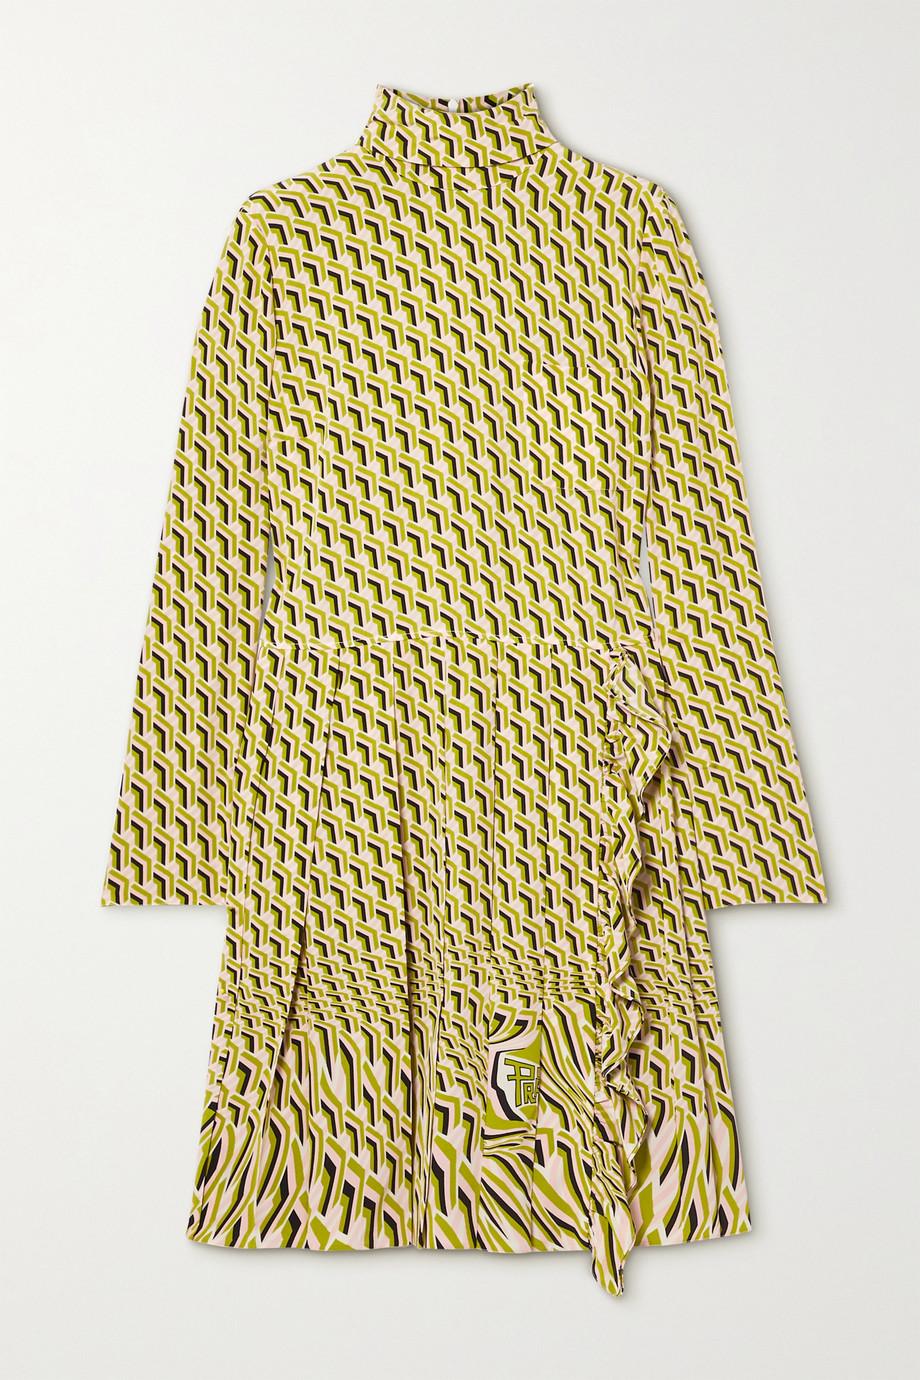 Prada Robe en crêpe de Chine de soie imprimé à plis plats